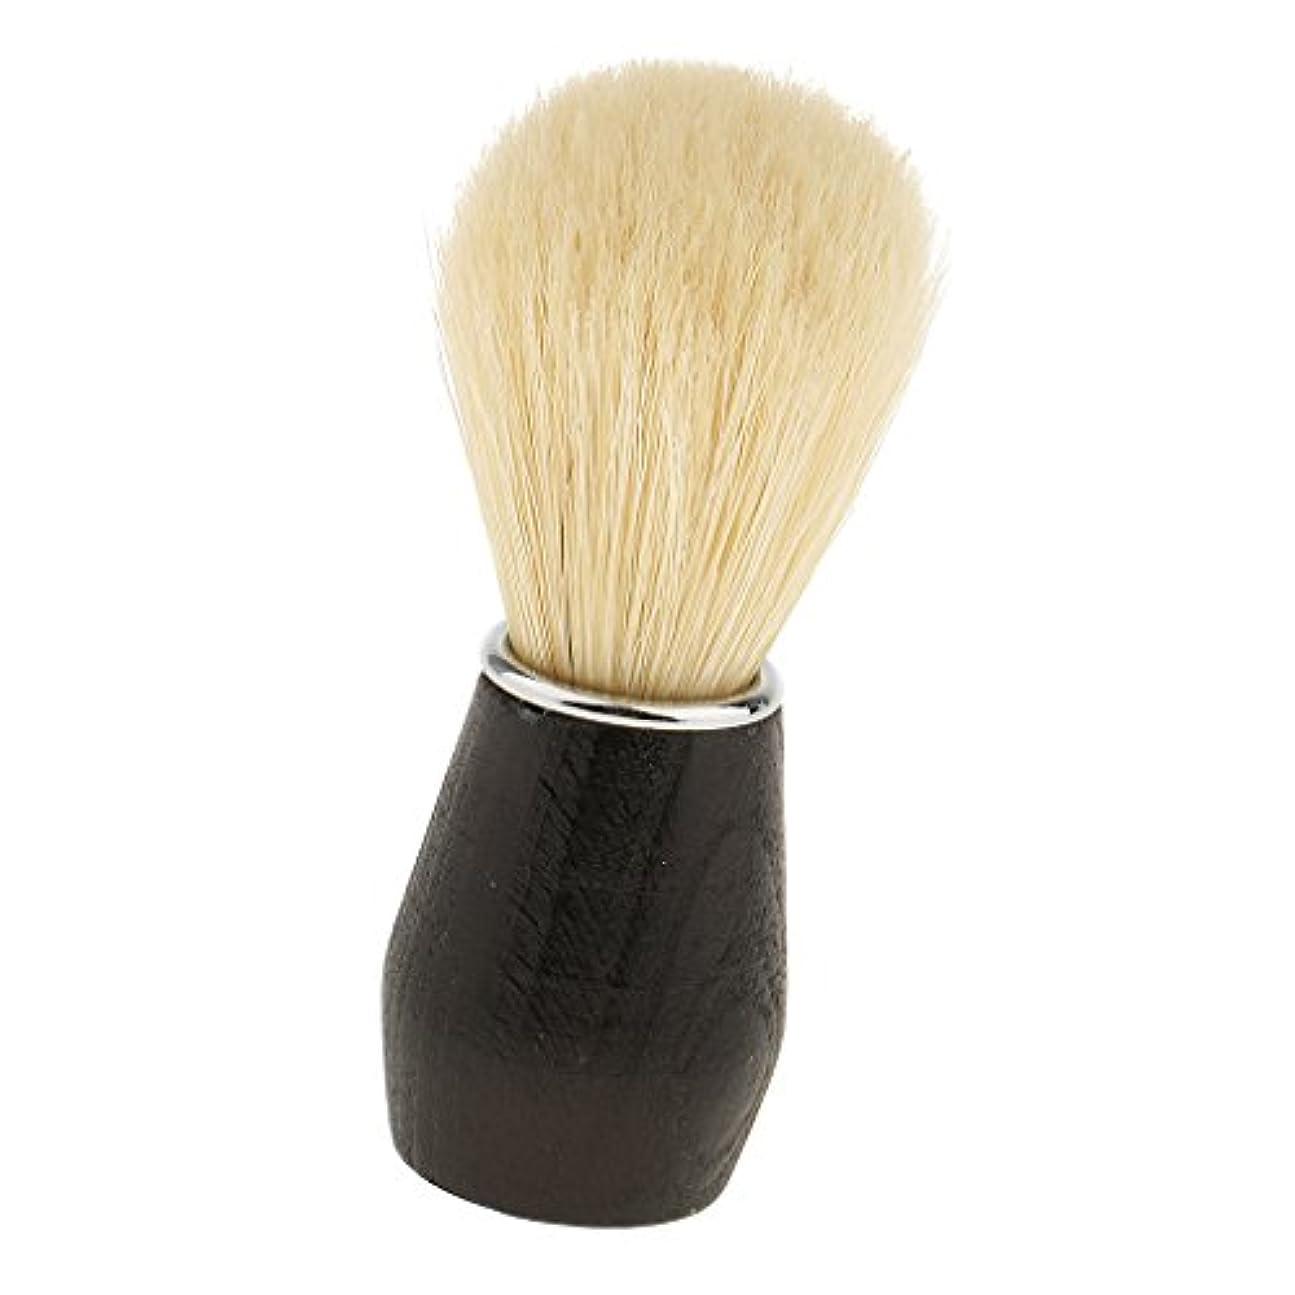 同じ直接神聖Baosity 父のギフト ソフト 実用的 プロフェッショナル バーバーサロン家庭用 ひげ剃りブラシ プラスチックハンドル フェイシャルクリーニングブラシ ブラック